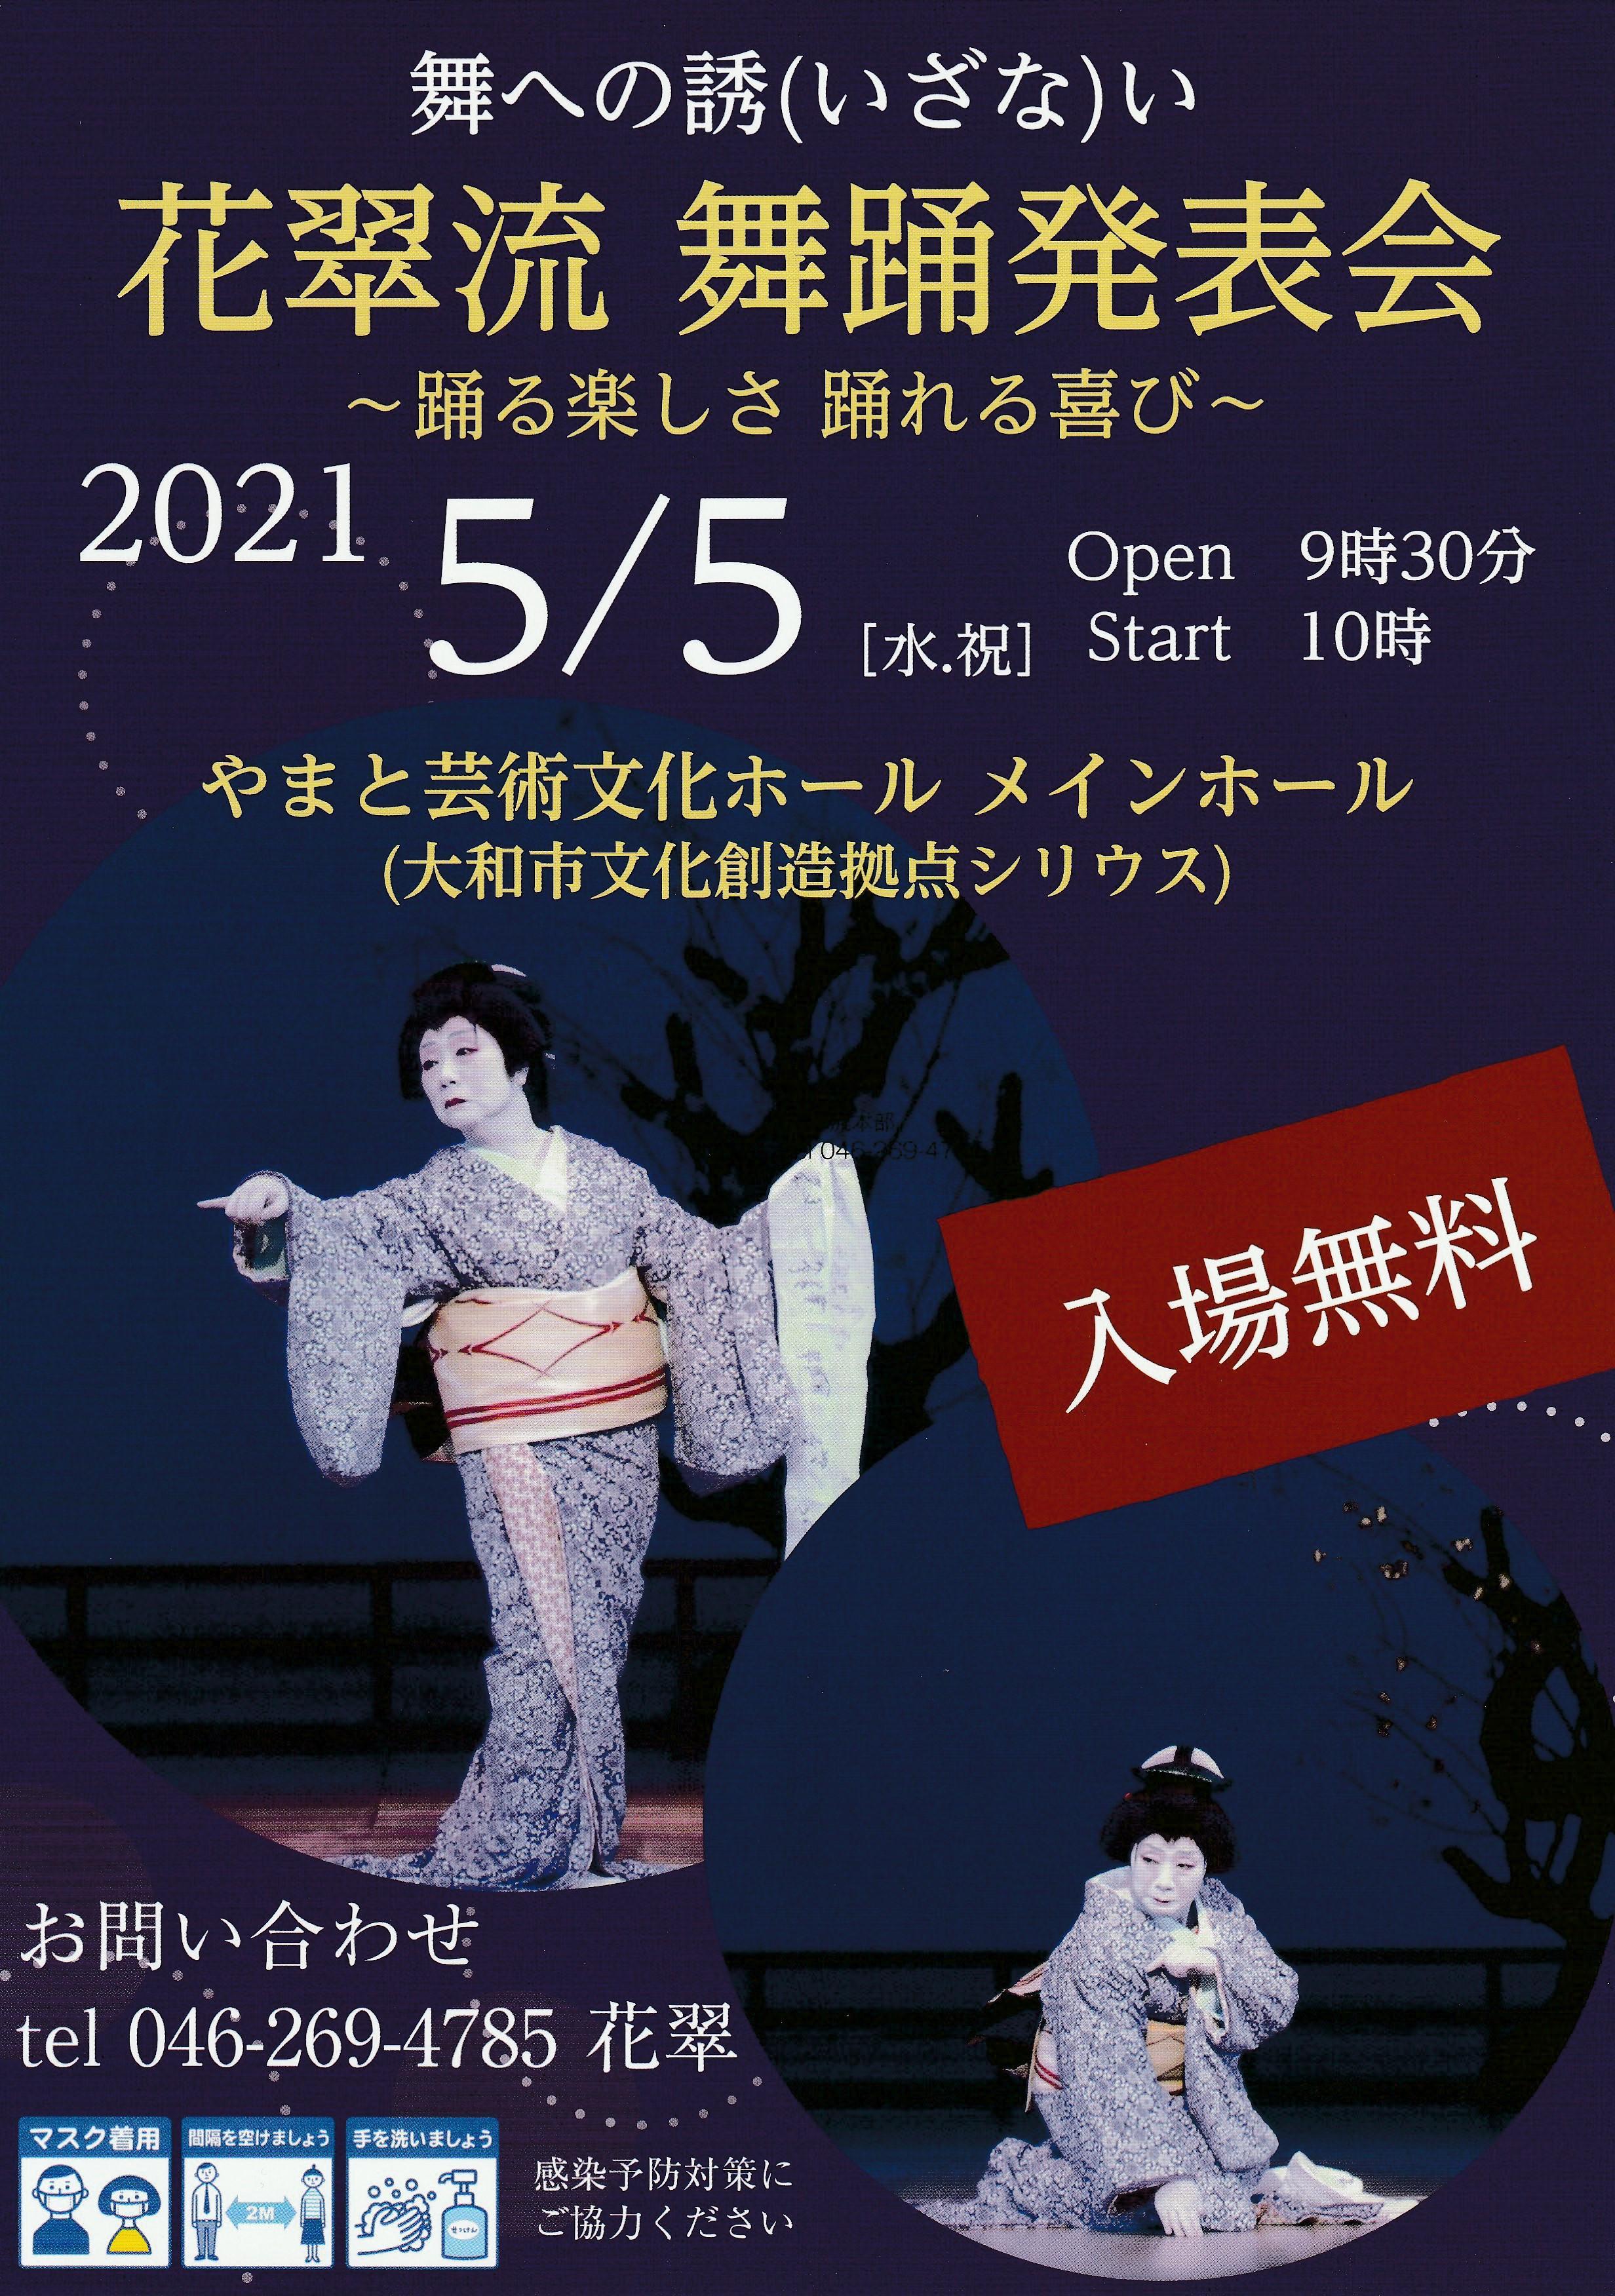 花翠流舞踊発表会「舞への誘い」